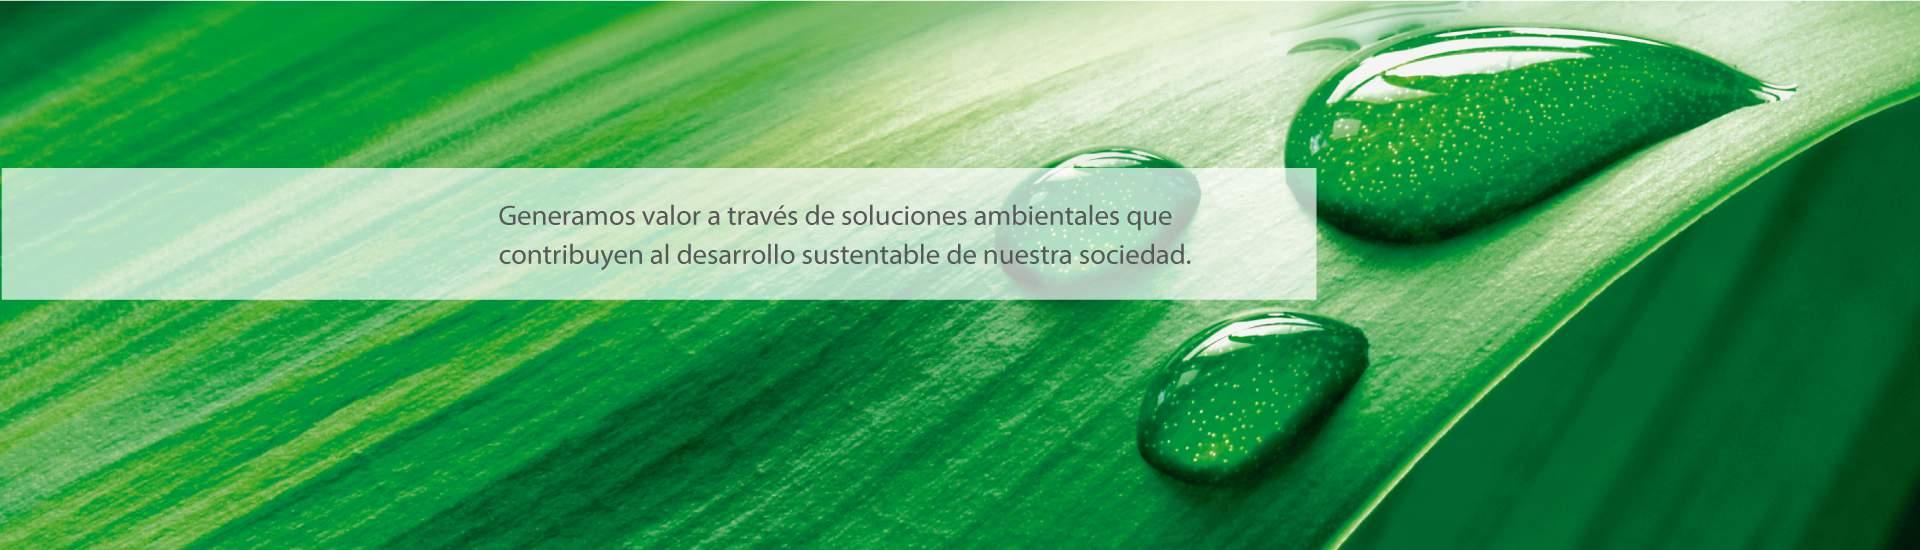 Generamos valor a través de soluciones seguras, sustentables y eficientes para cada uno de nuestros clientes.